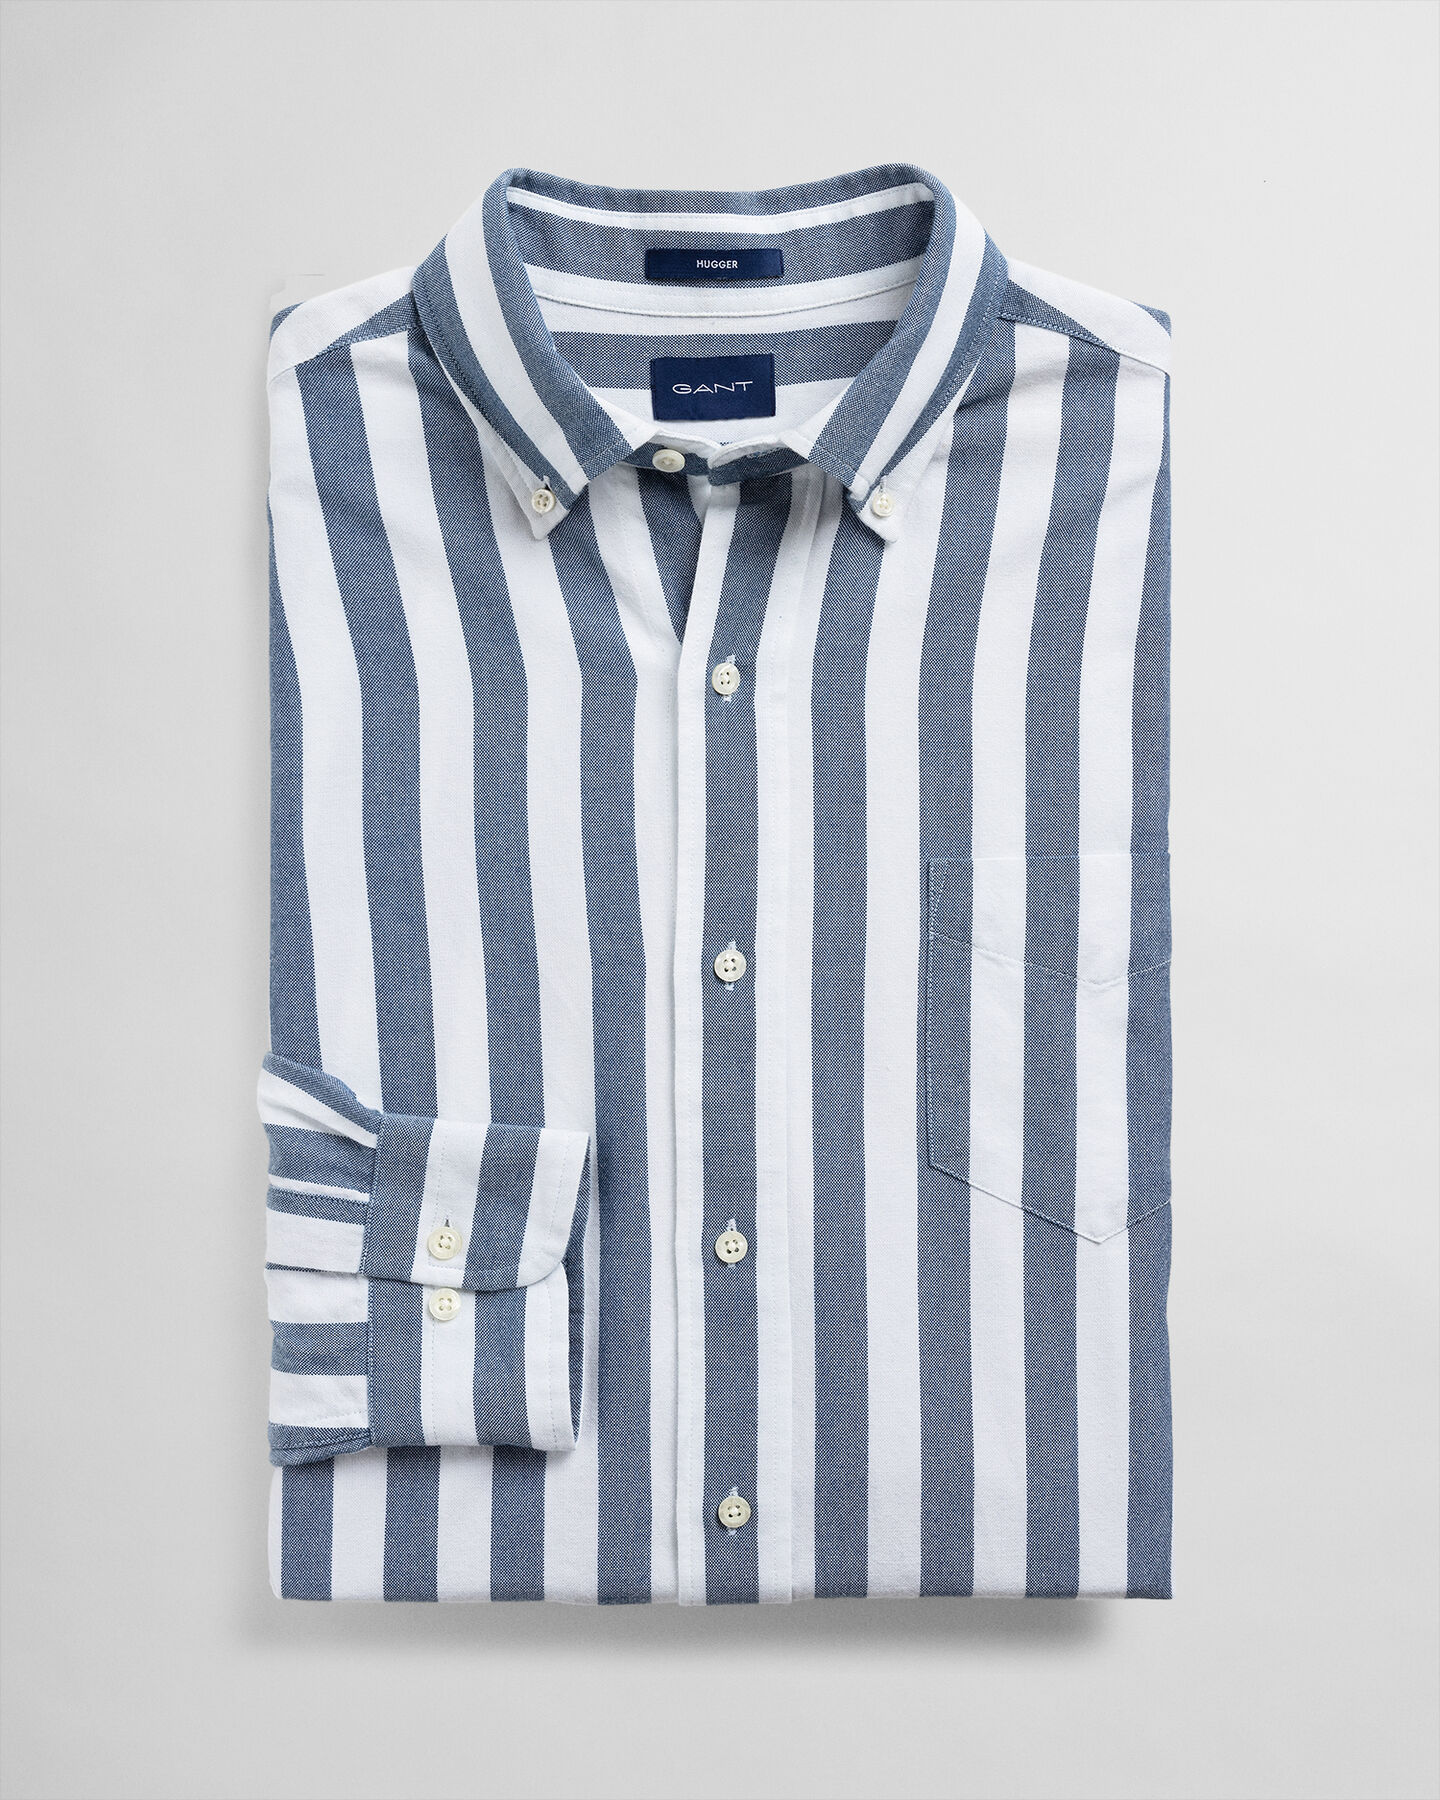 Indigoblaues Hugger-Fit Oxford-Hemd mit Streifen